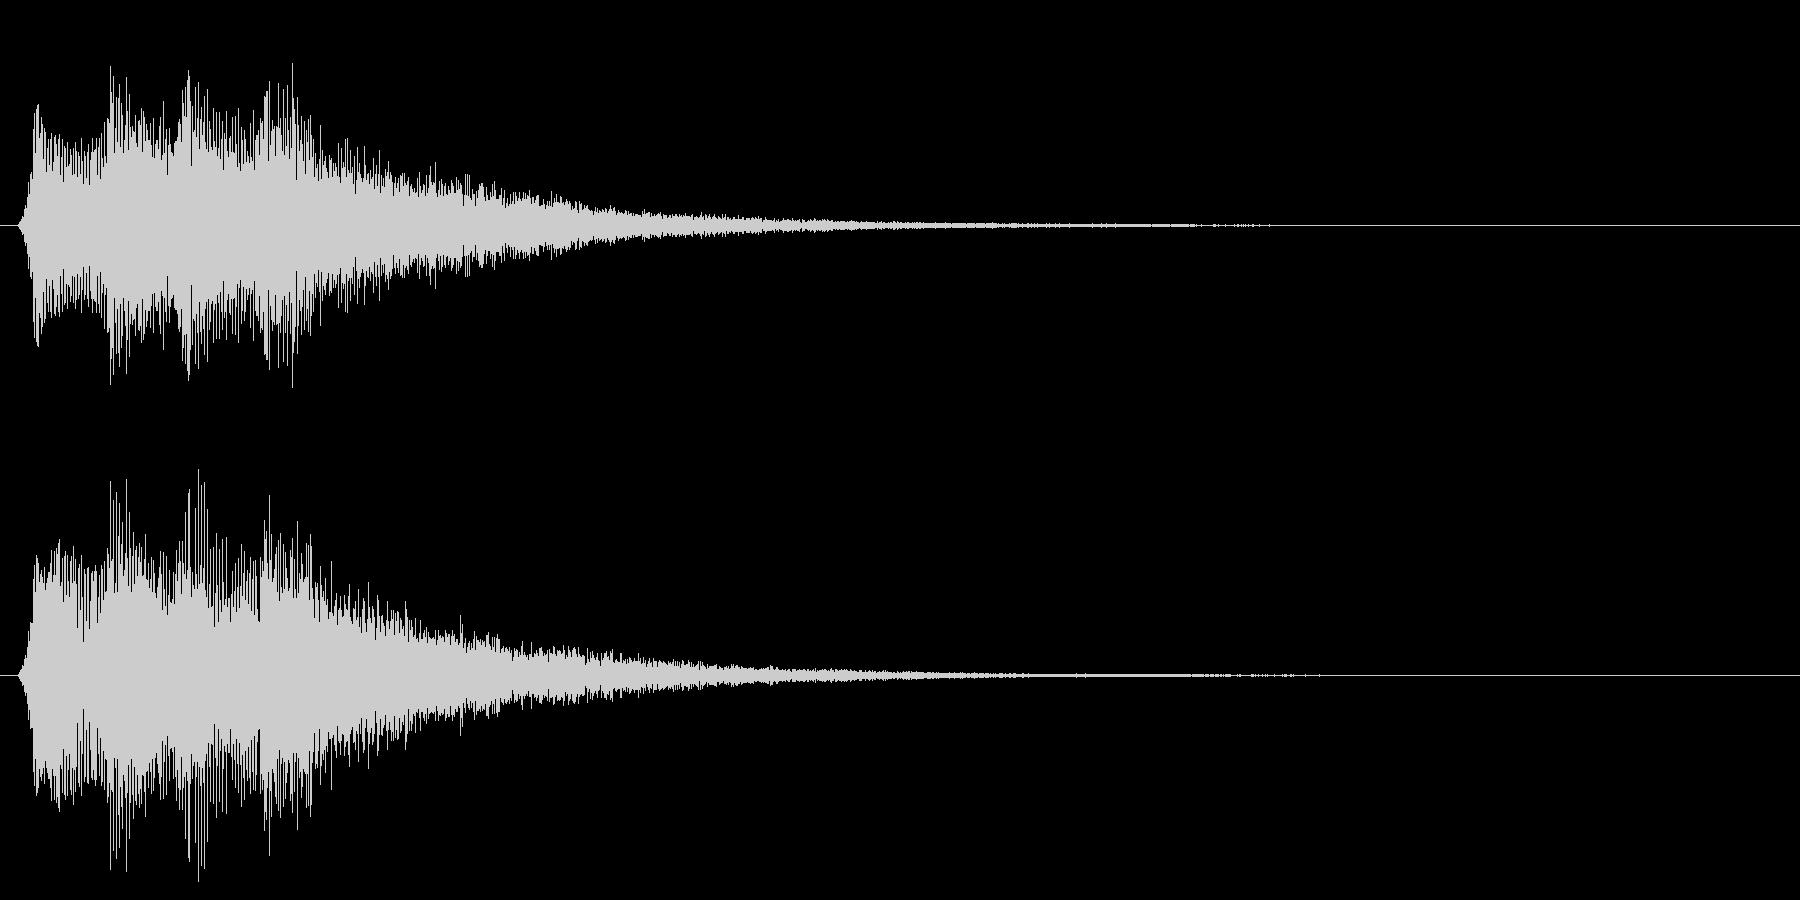 決定音 セレクト スタート 選択音の未再生の波形